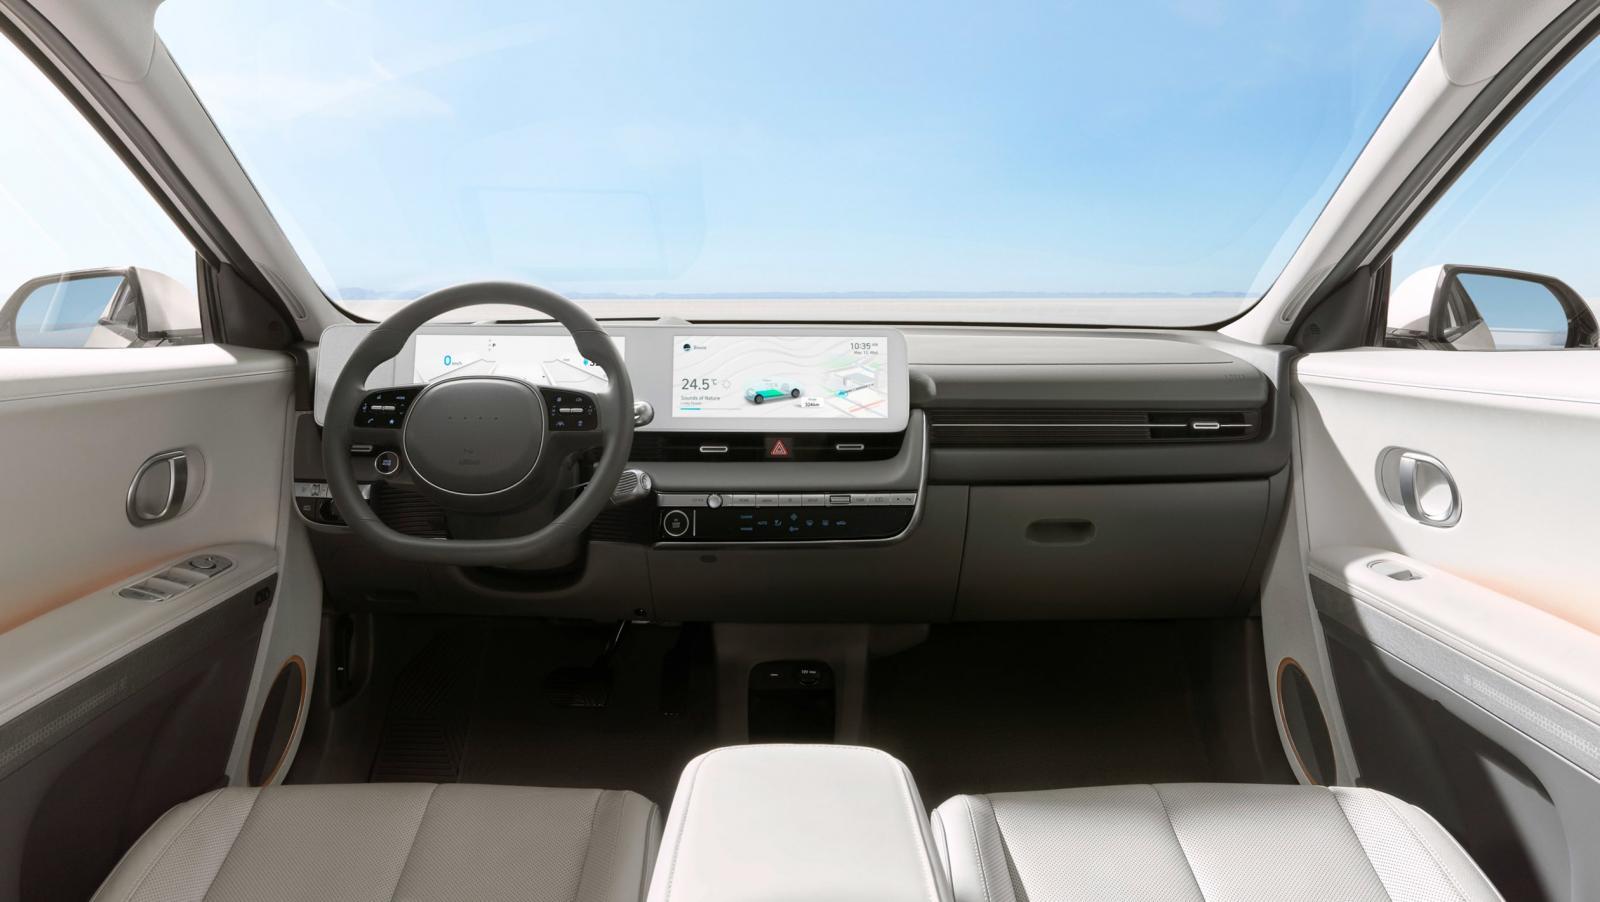 Premiär för Ioniq 5: Här är Hyundais nya elbilsmodell